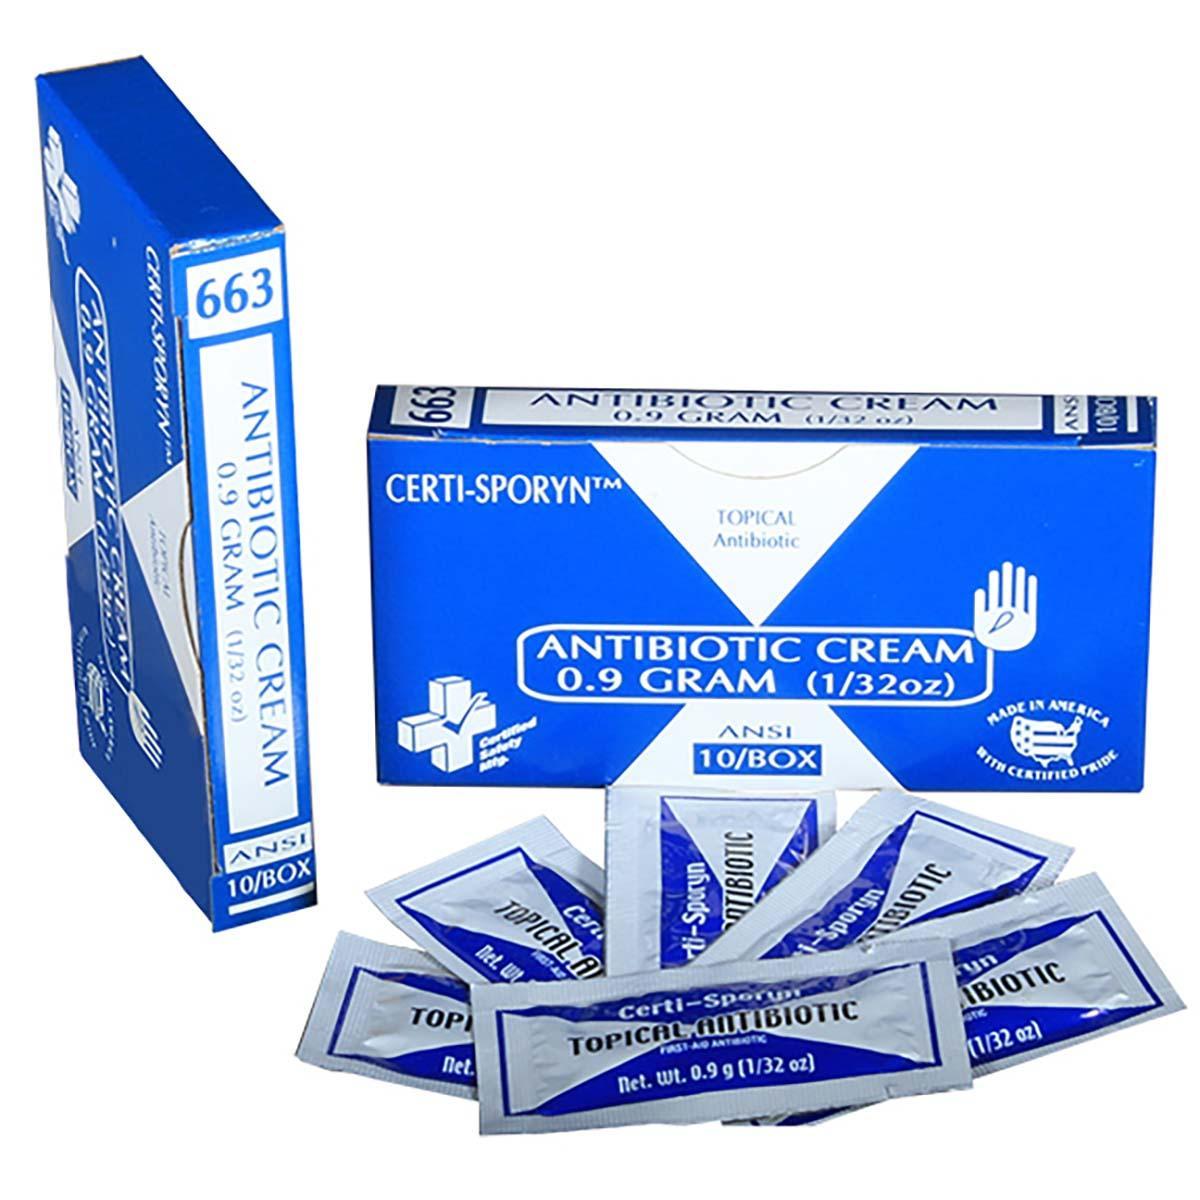 Antibiotic Cream